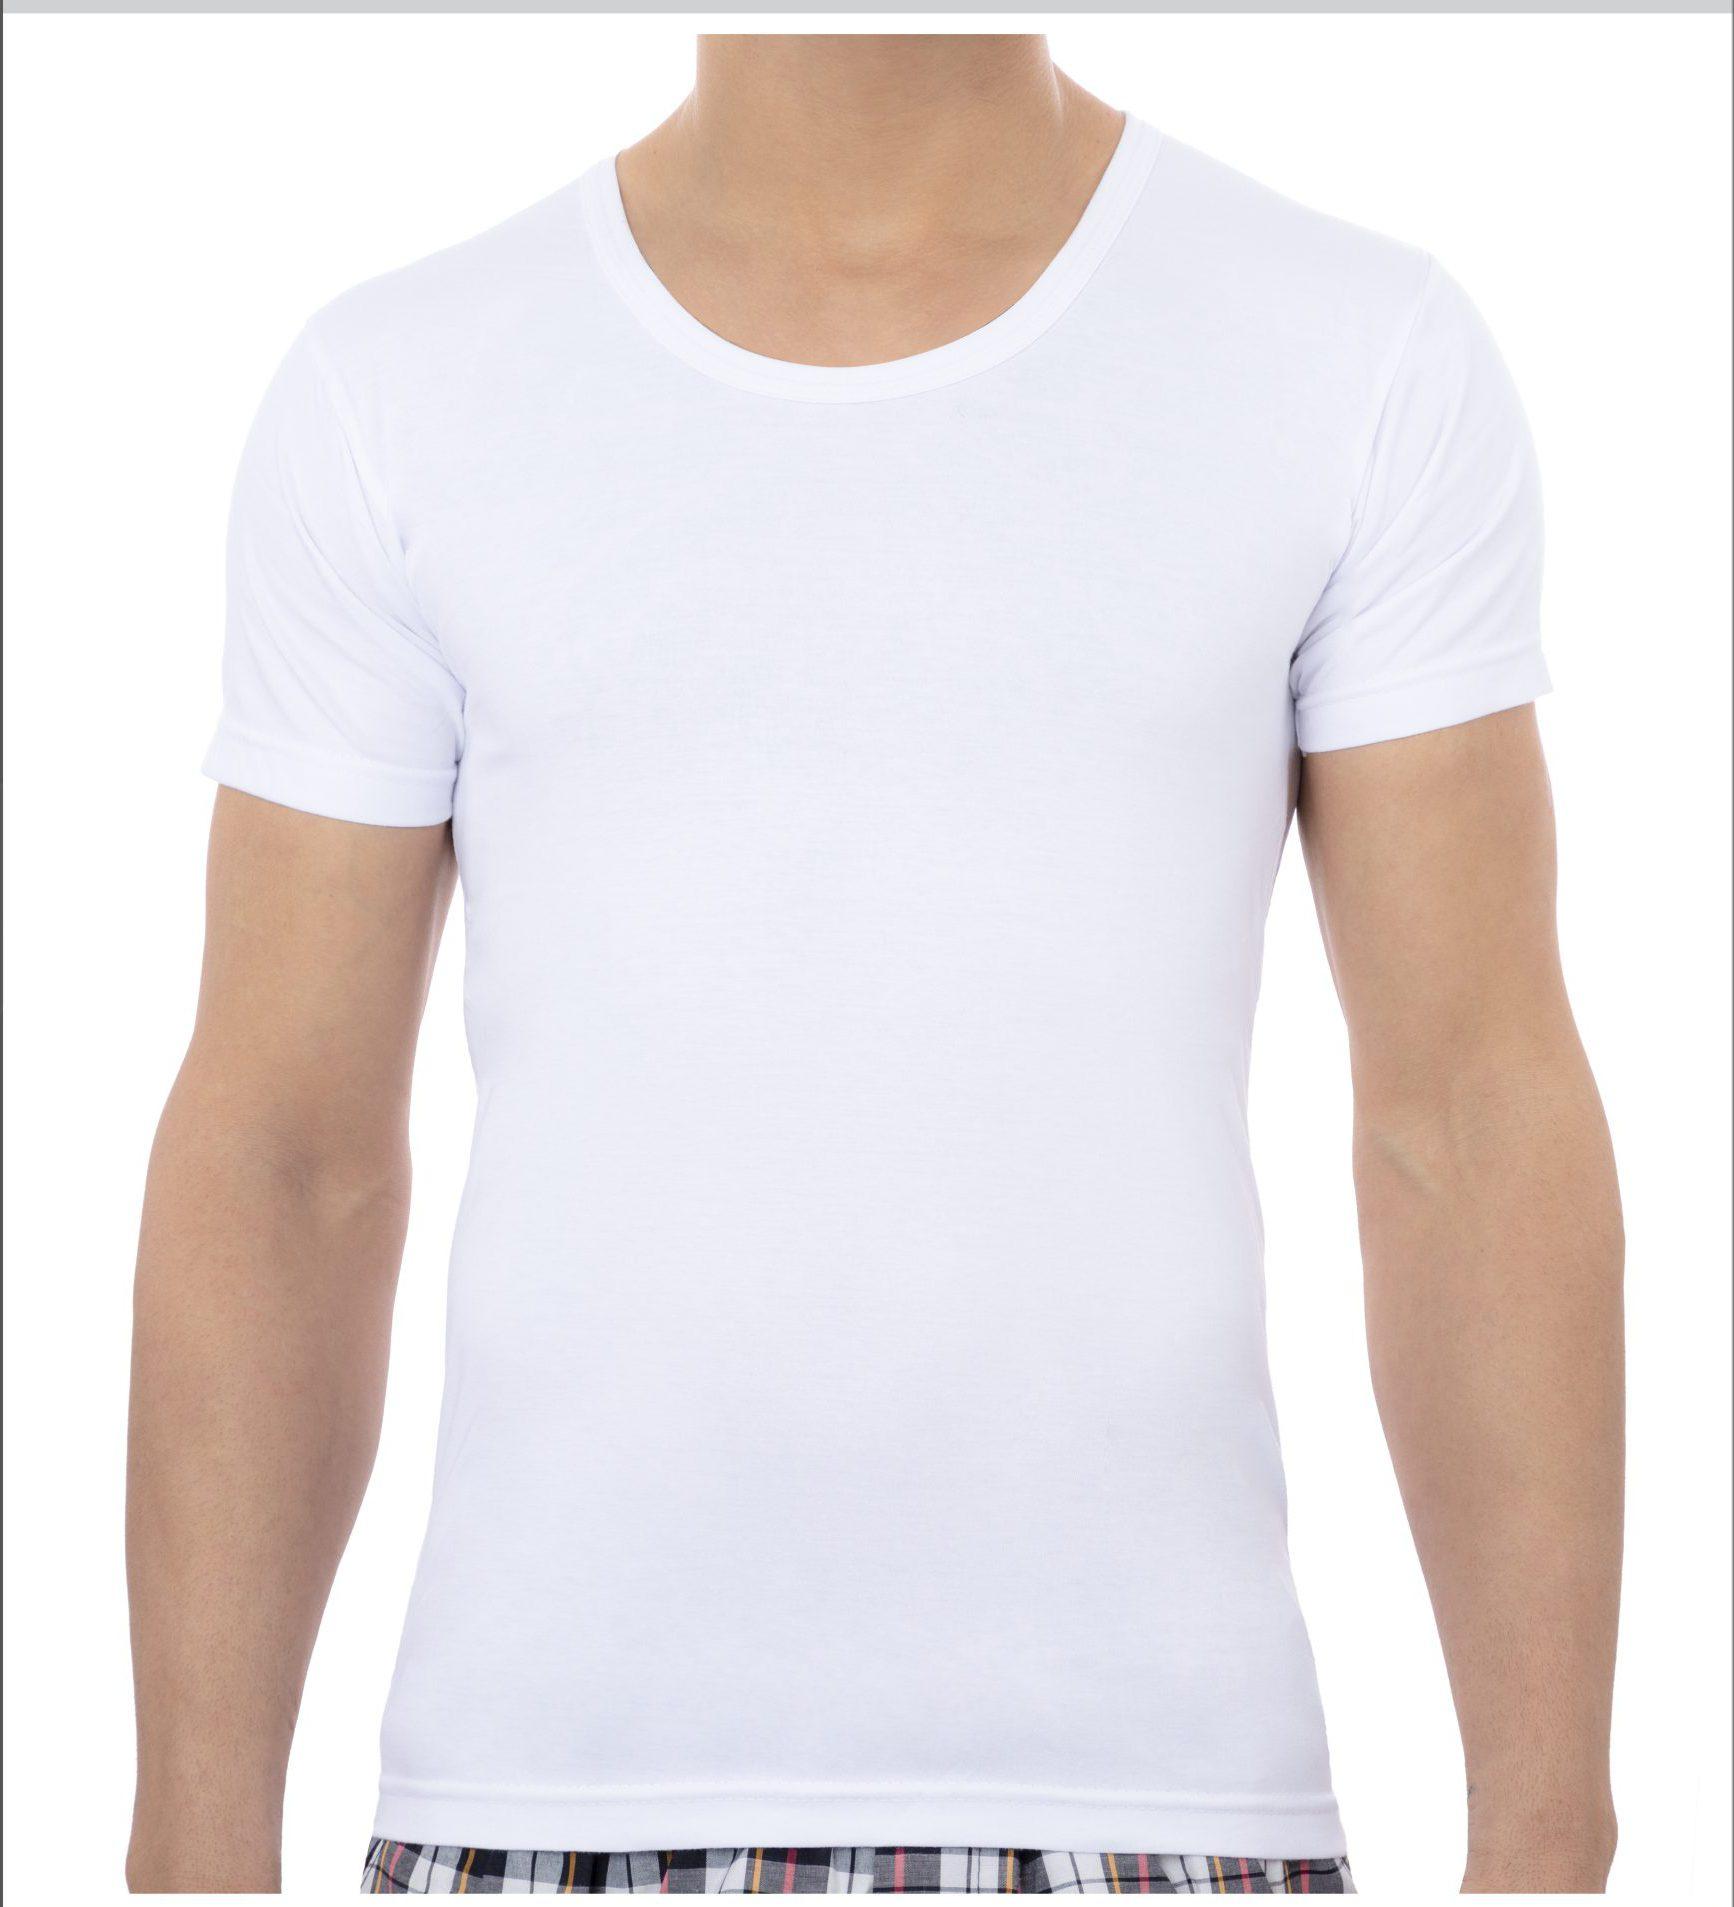 زیرپوش نیم استین مردانه سفید